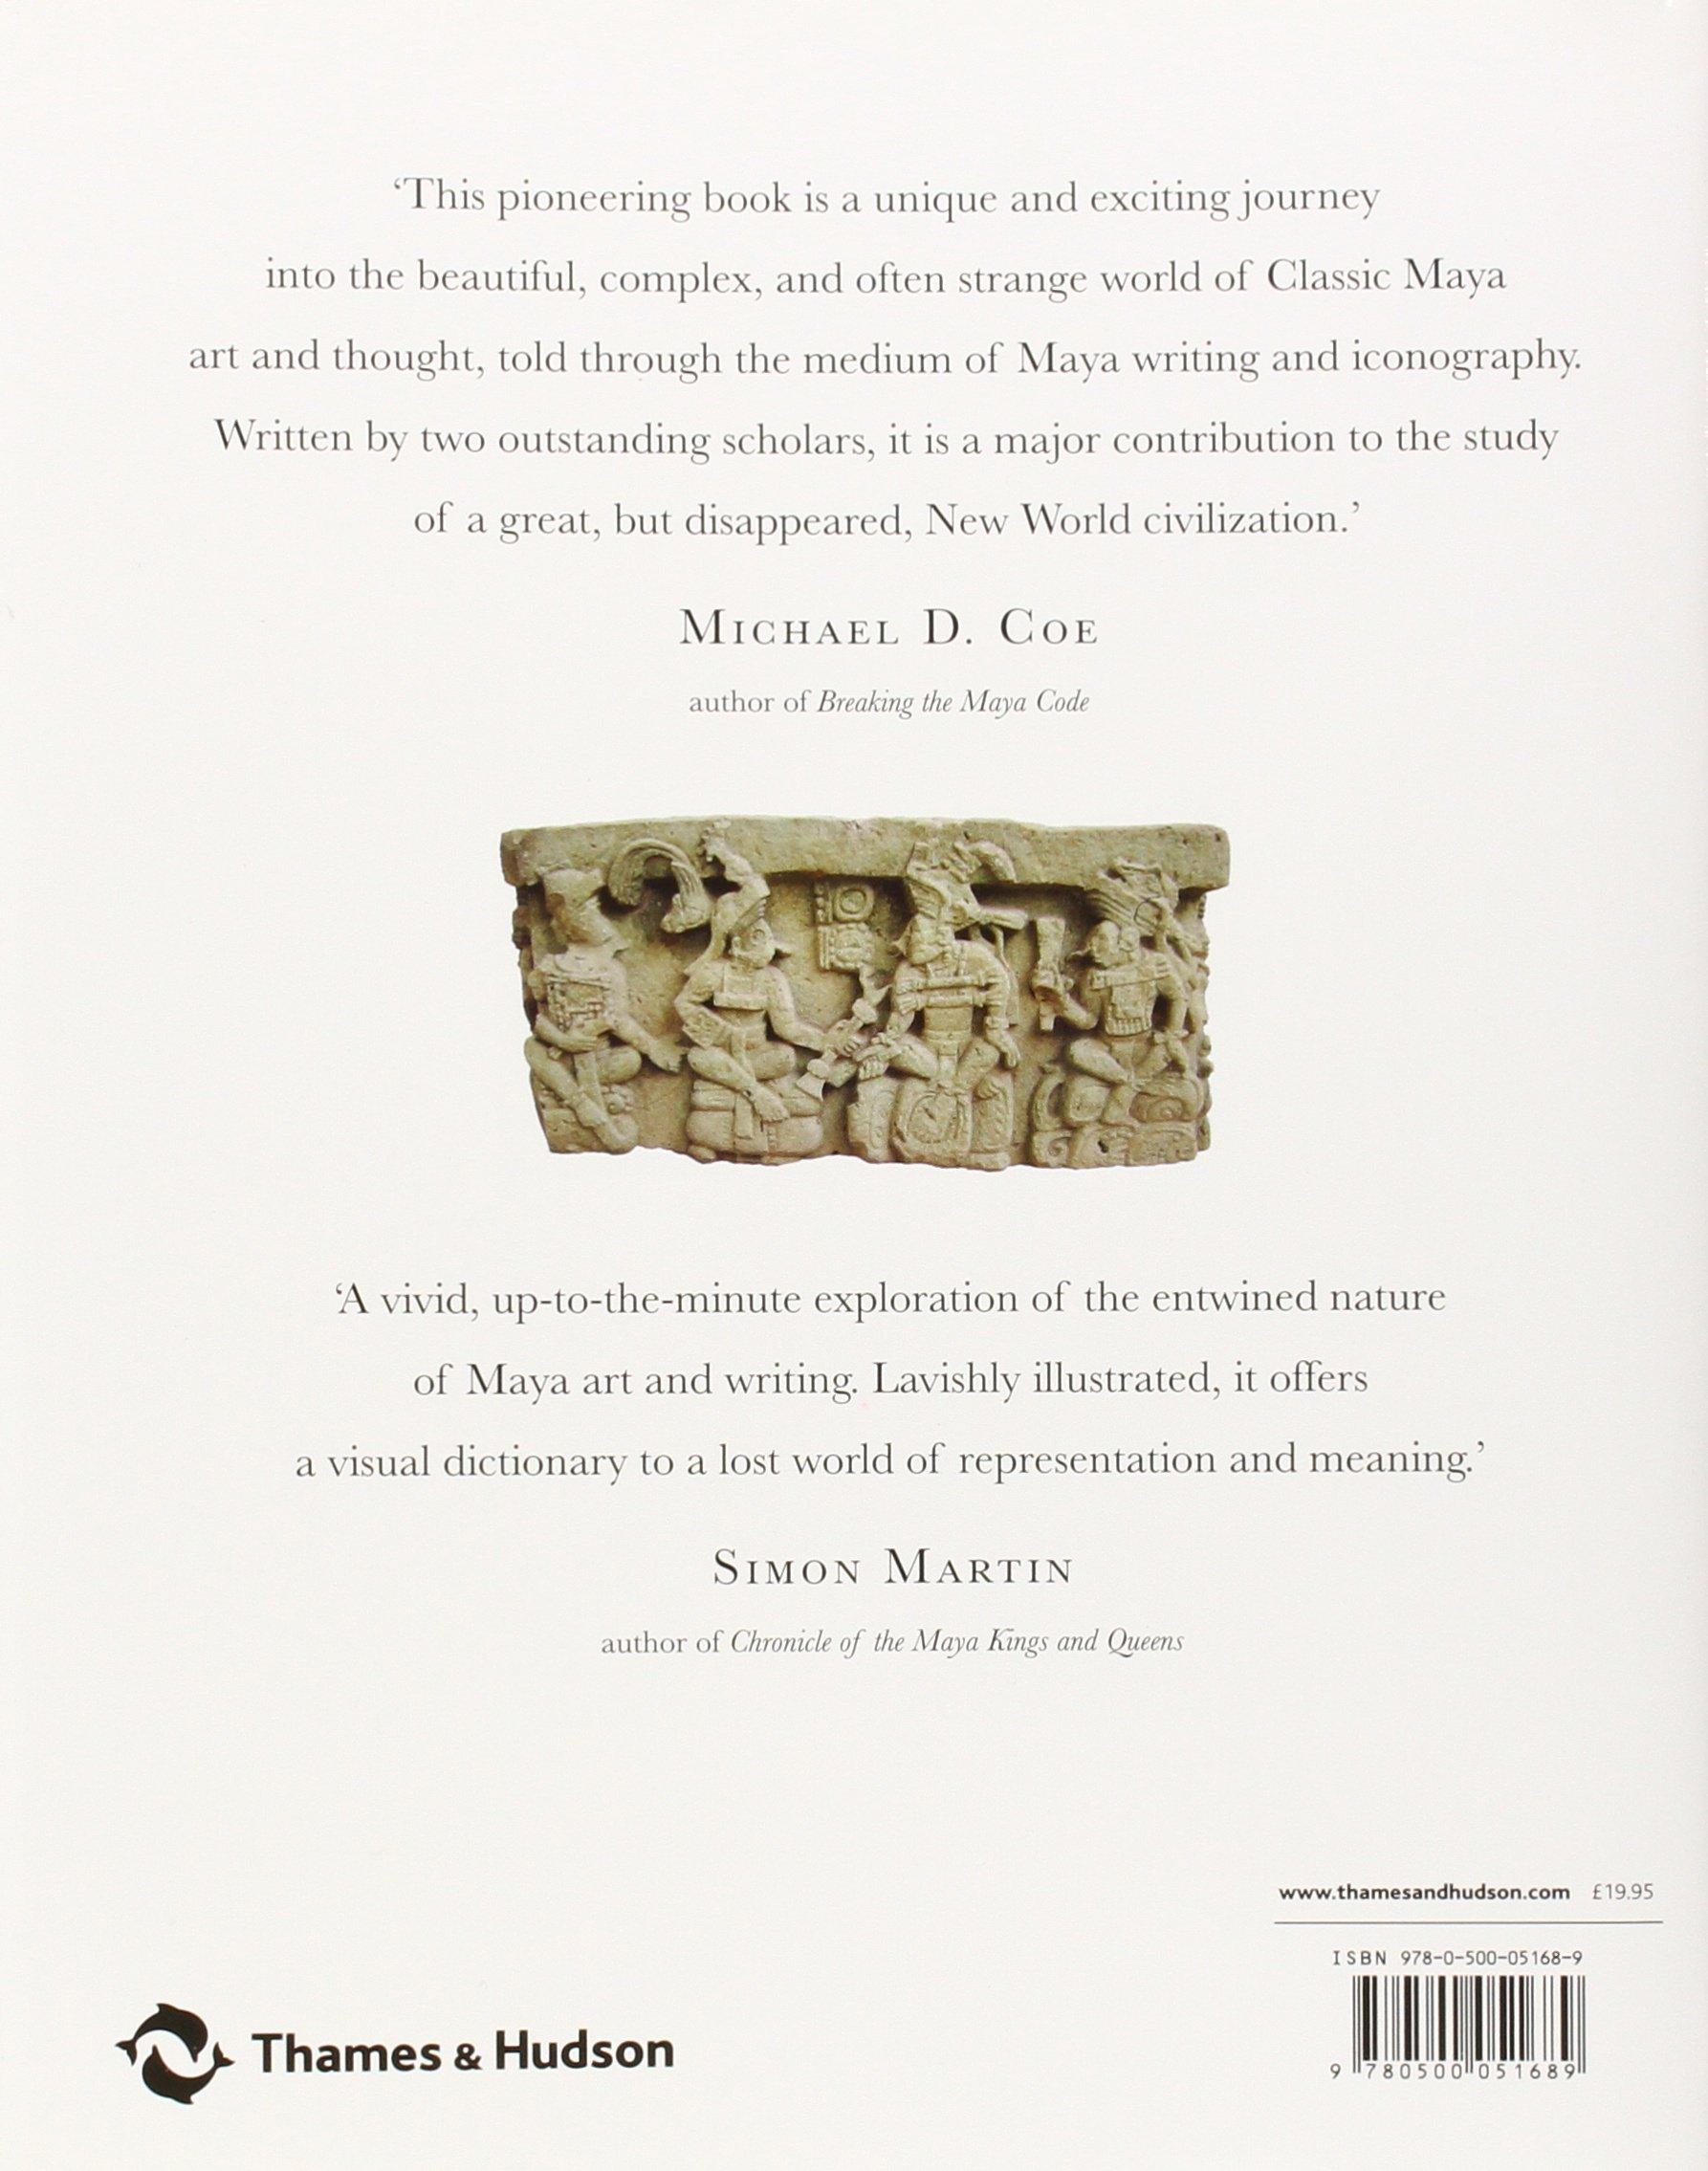 Reading maya art a hieroglyphic guide to ancient maya painting reading maya art a hieroglyphic guide to ancient maya painting and sculpture andrea stone marc zender 9780500051689 amazon books biocorpaavc Choice Image